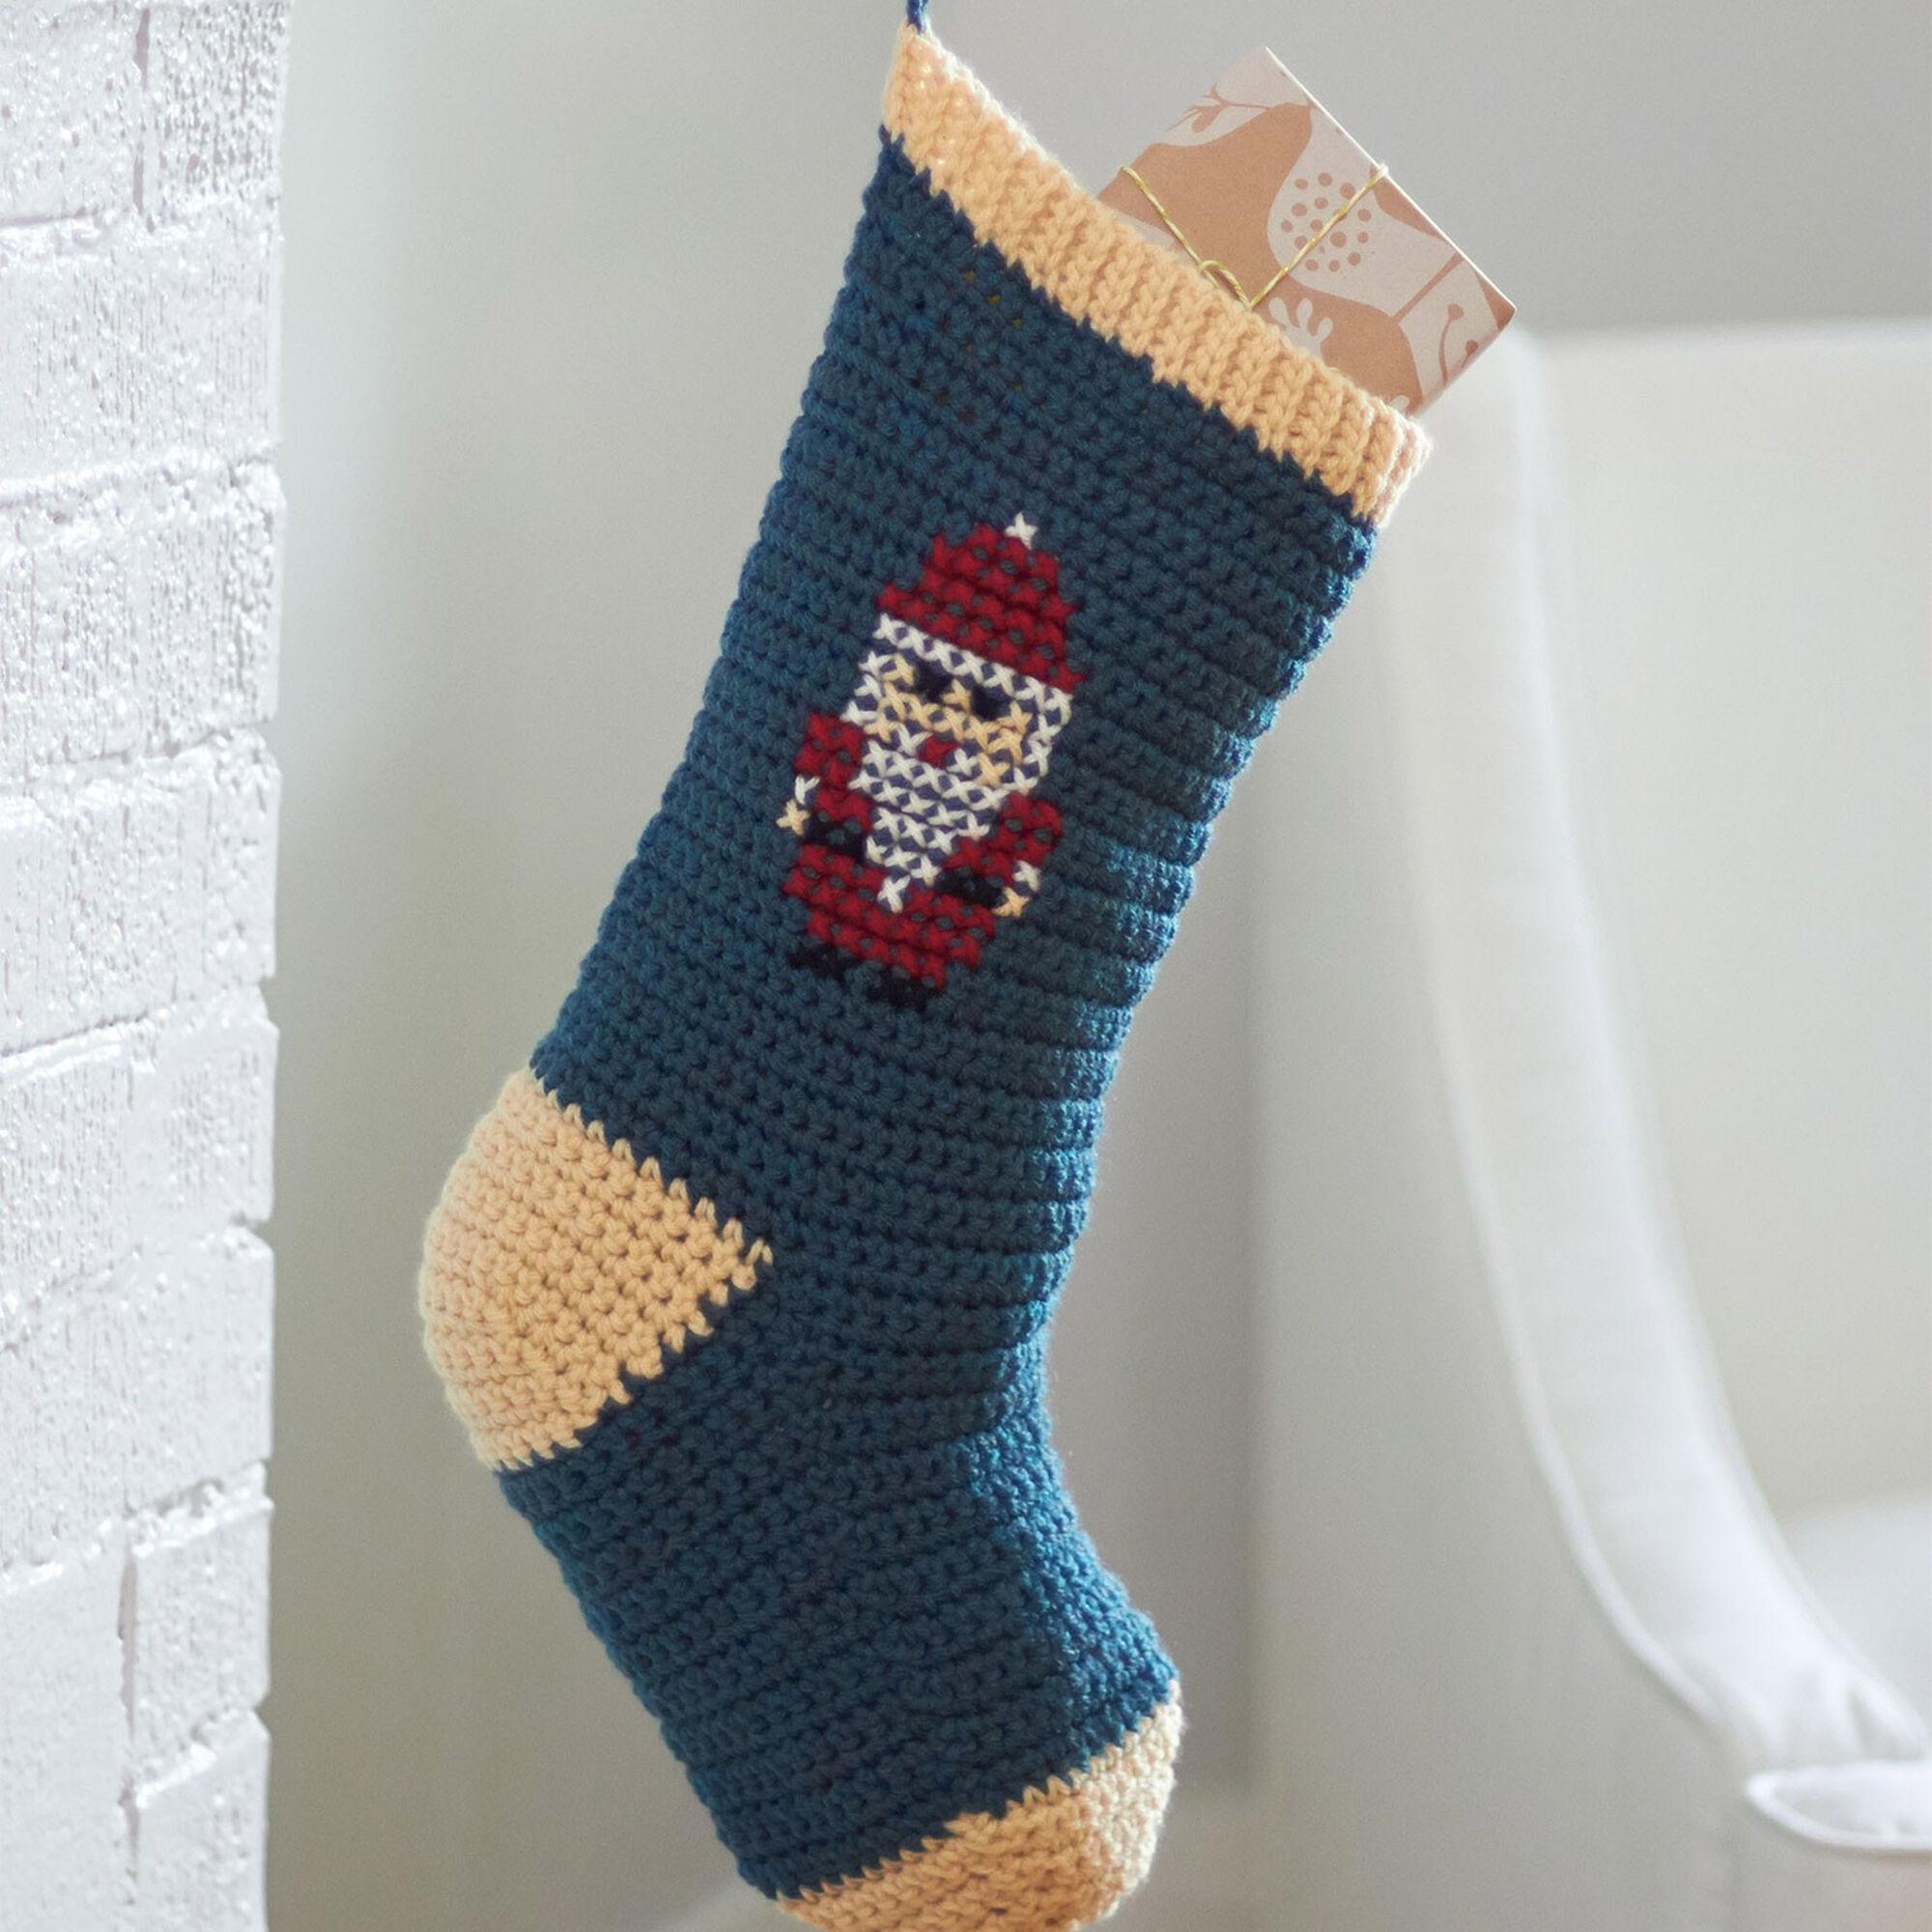 Bernat Cross Stitch Christmas Stockings, Snowman | Yarnspirations